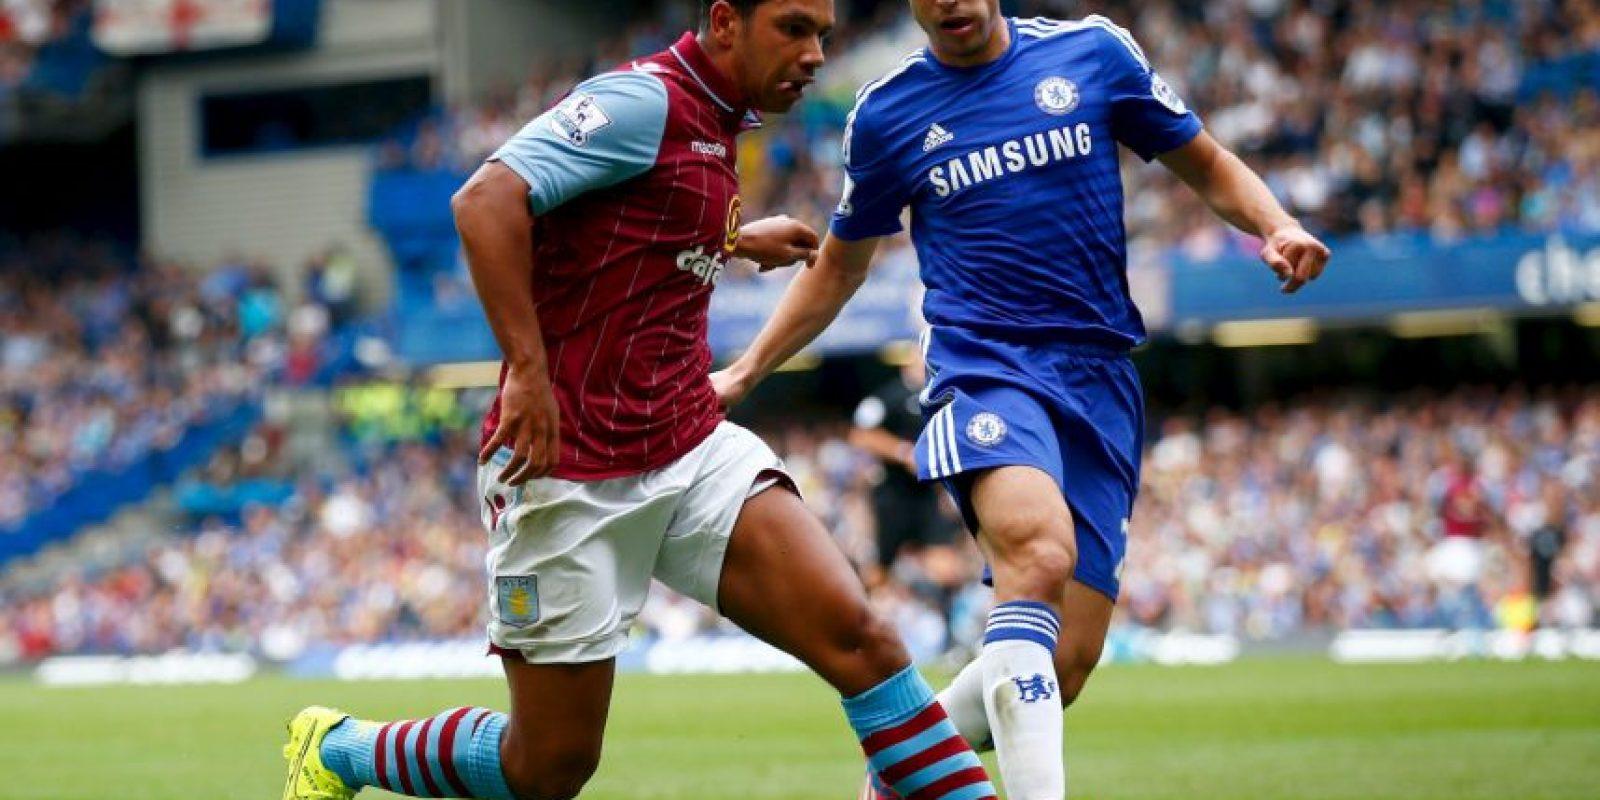 7. Chelsea vs. Aston Villa (Premier League) Foto:Getty Images